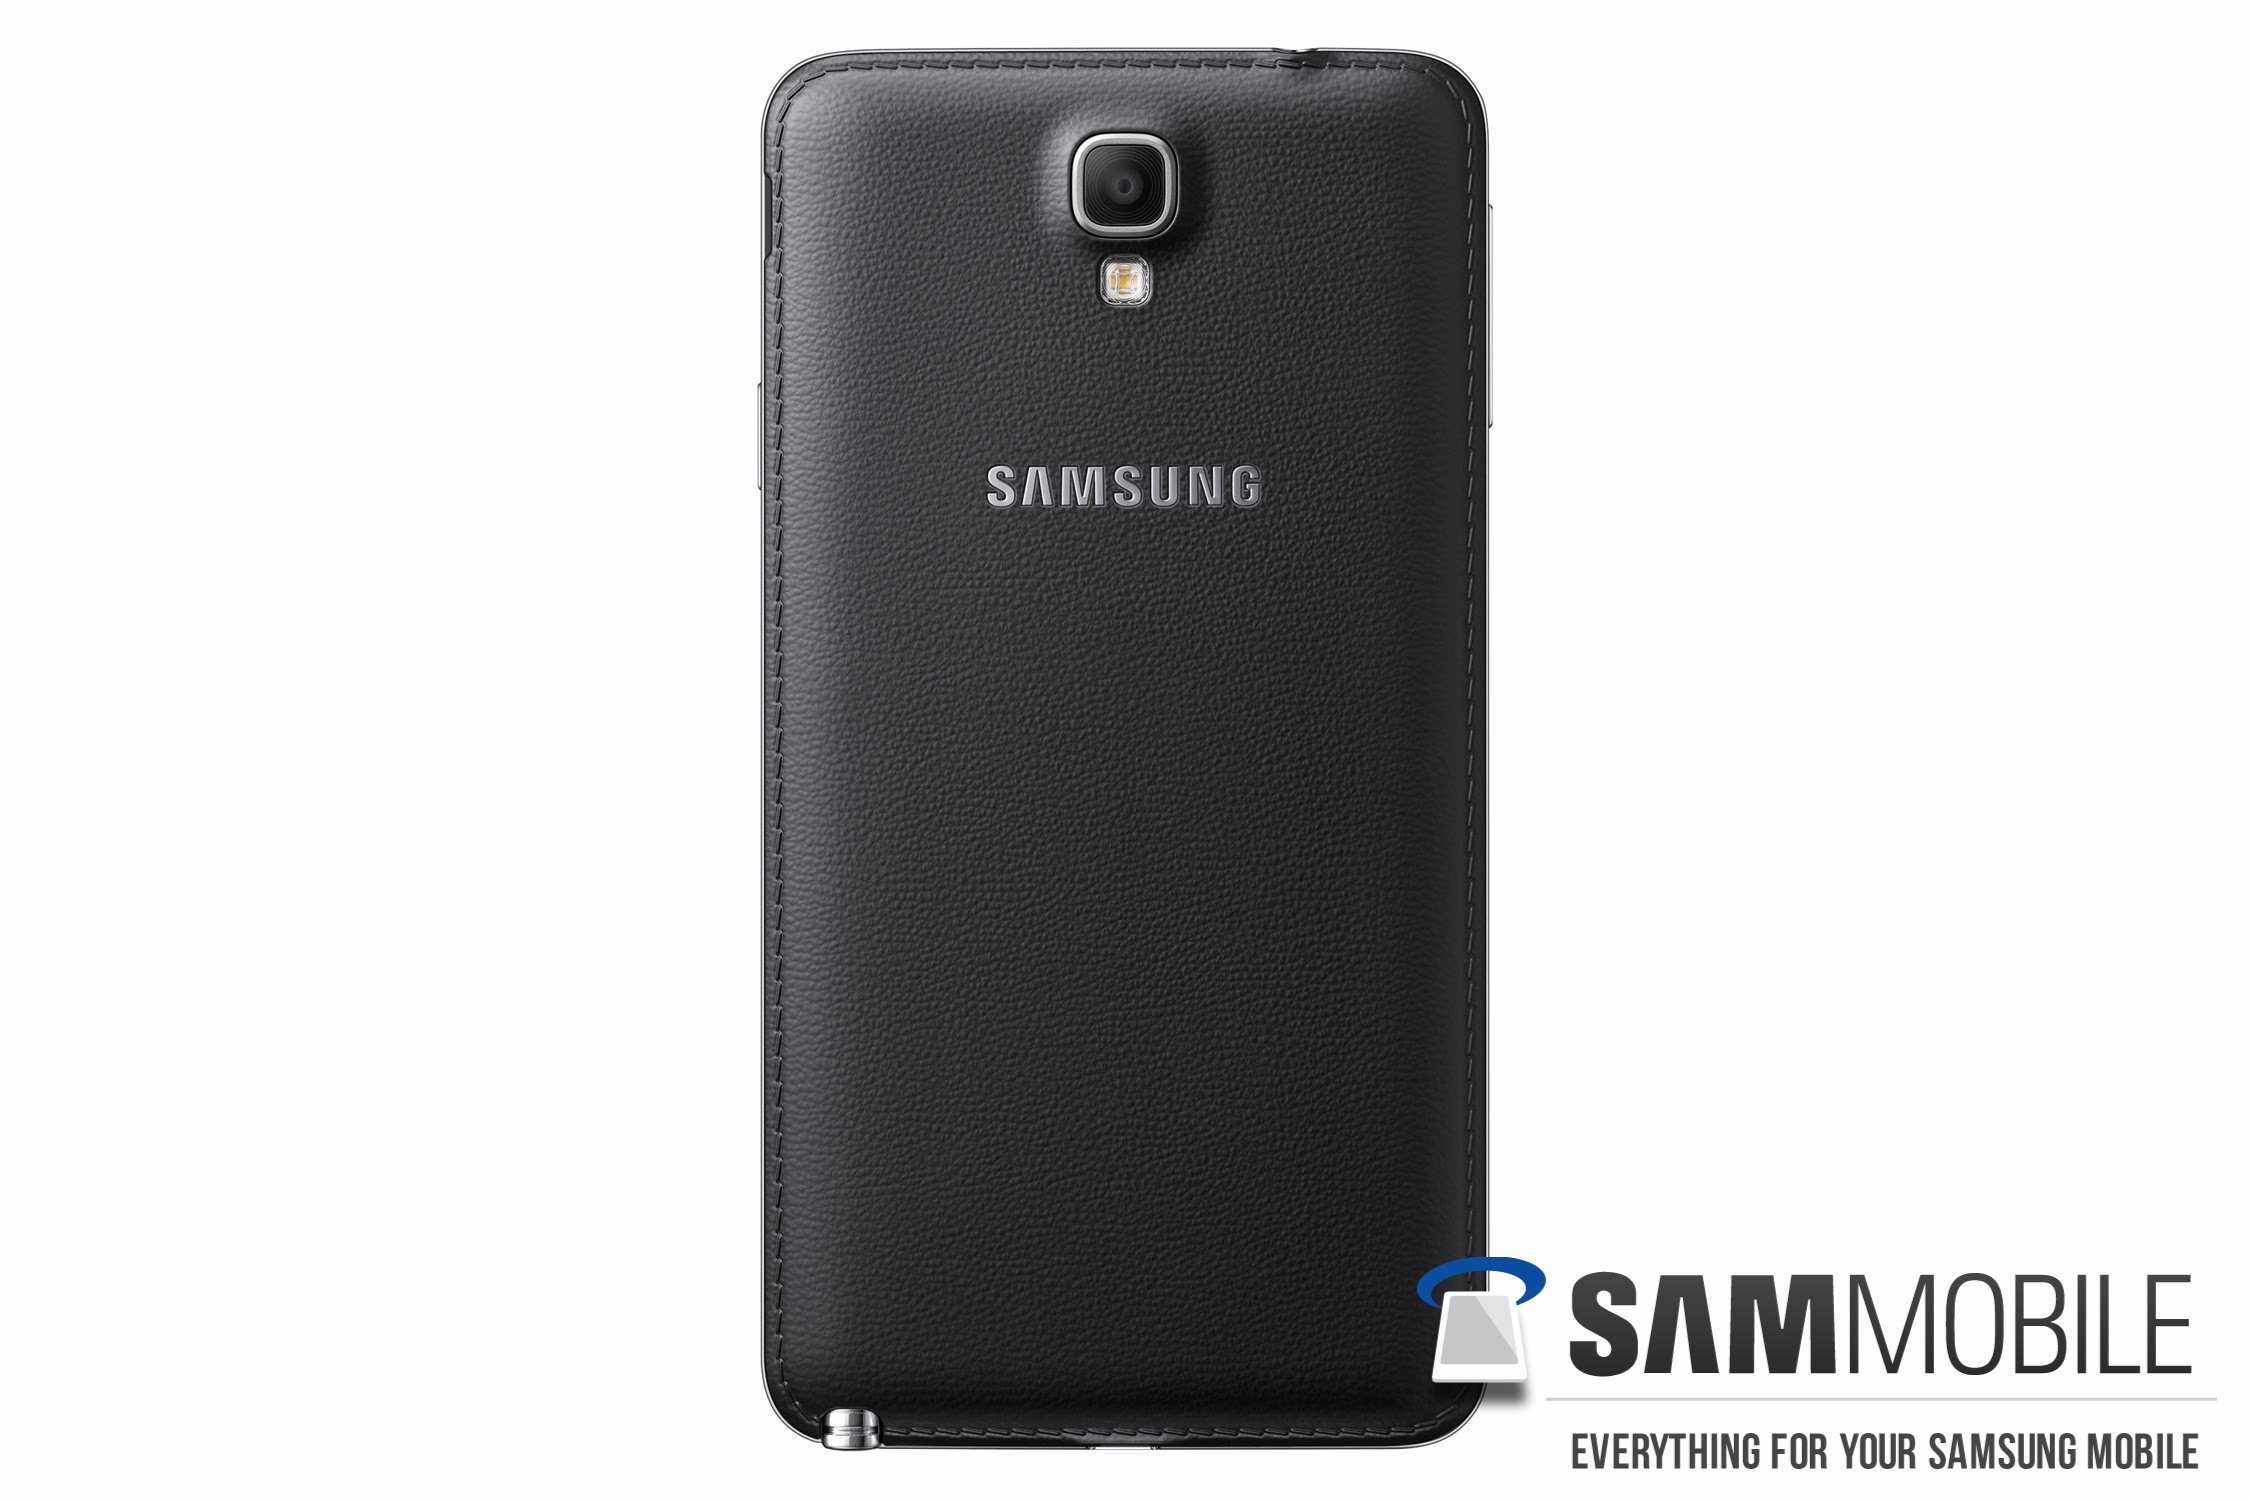 GALAXY Note 3 NEO SamMobile 5